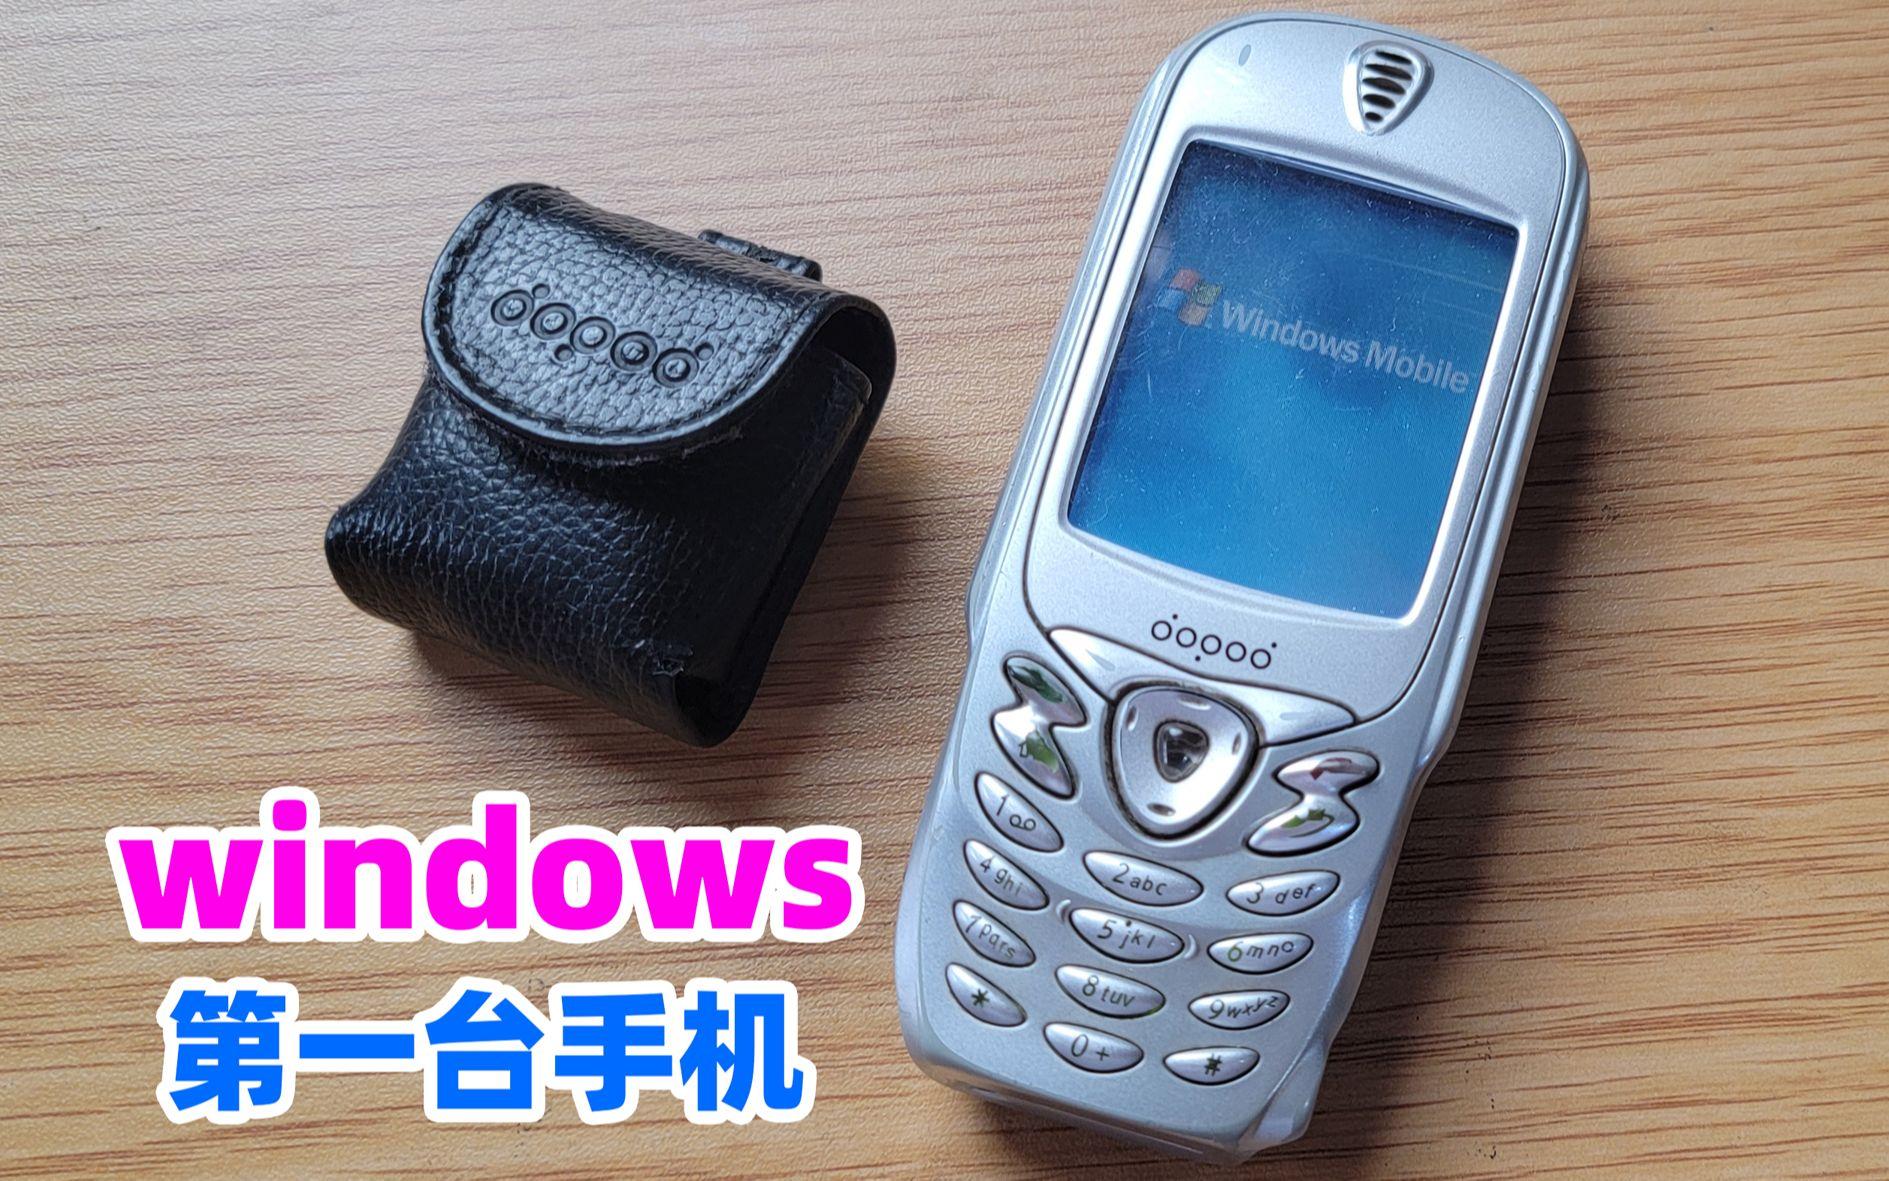 世界上第一台windows手机, 还有个神秘配件, 是个啥?